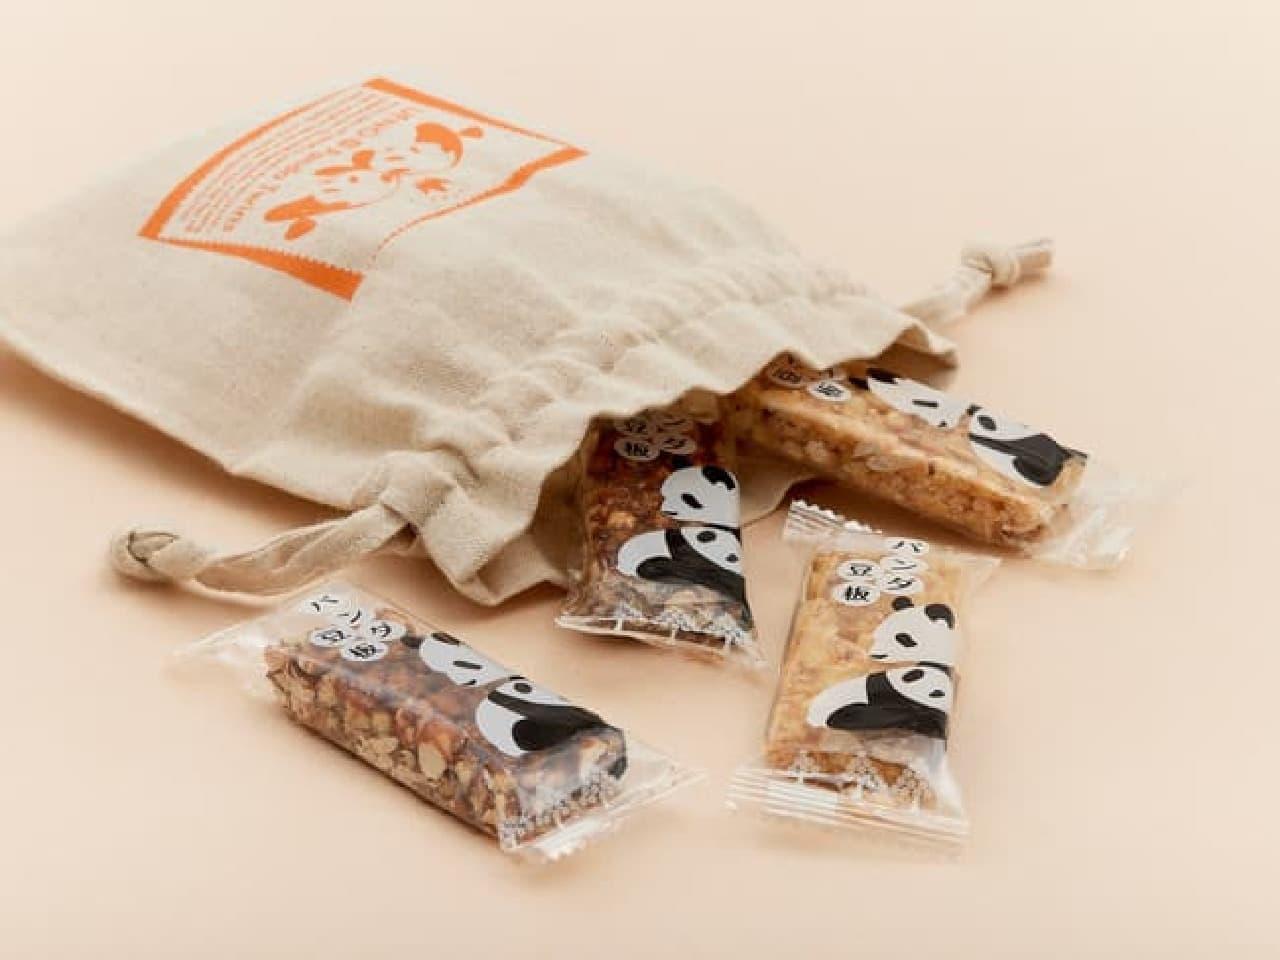 上野案内所パンダグッズ新作 -- 赤ちゃんパンダ双子がモチーフ!ぬいぐるみ・パンダ飴など